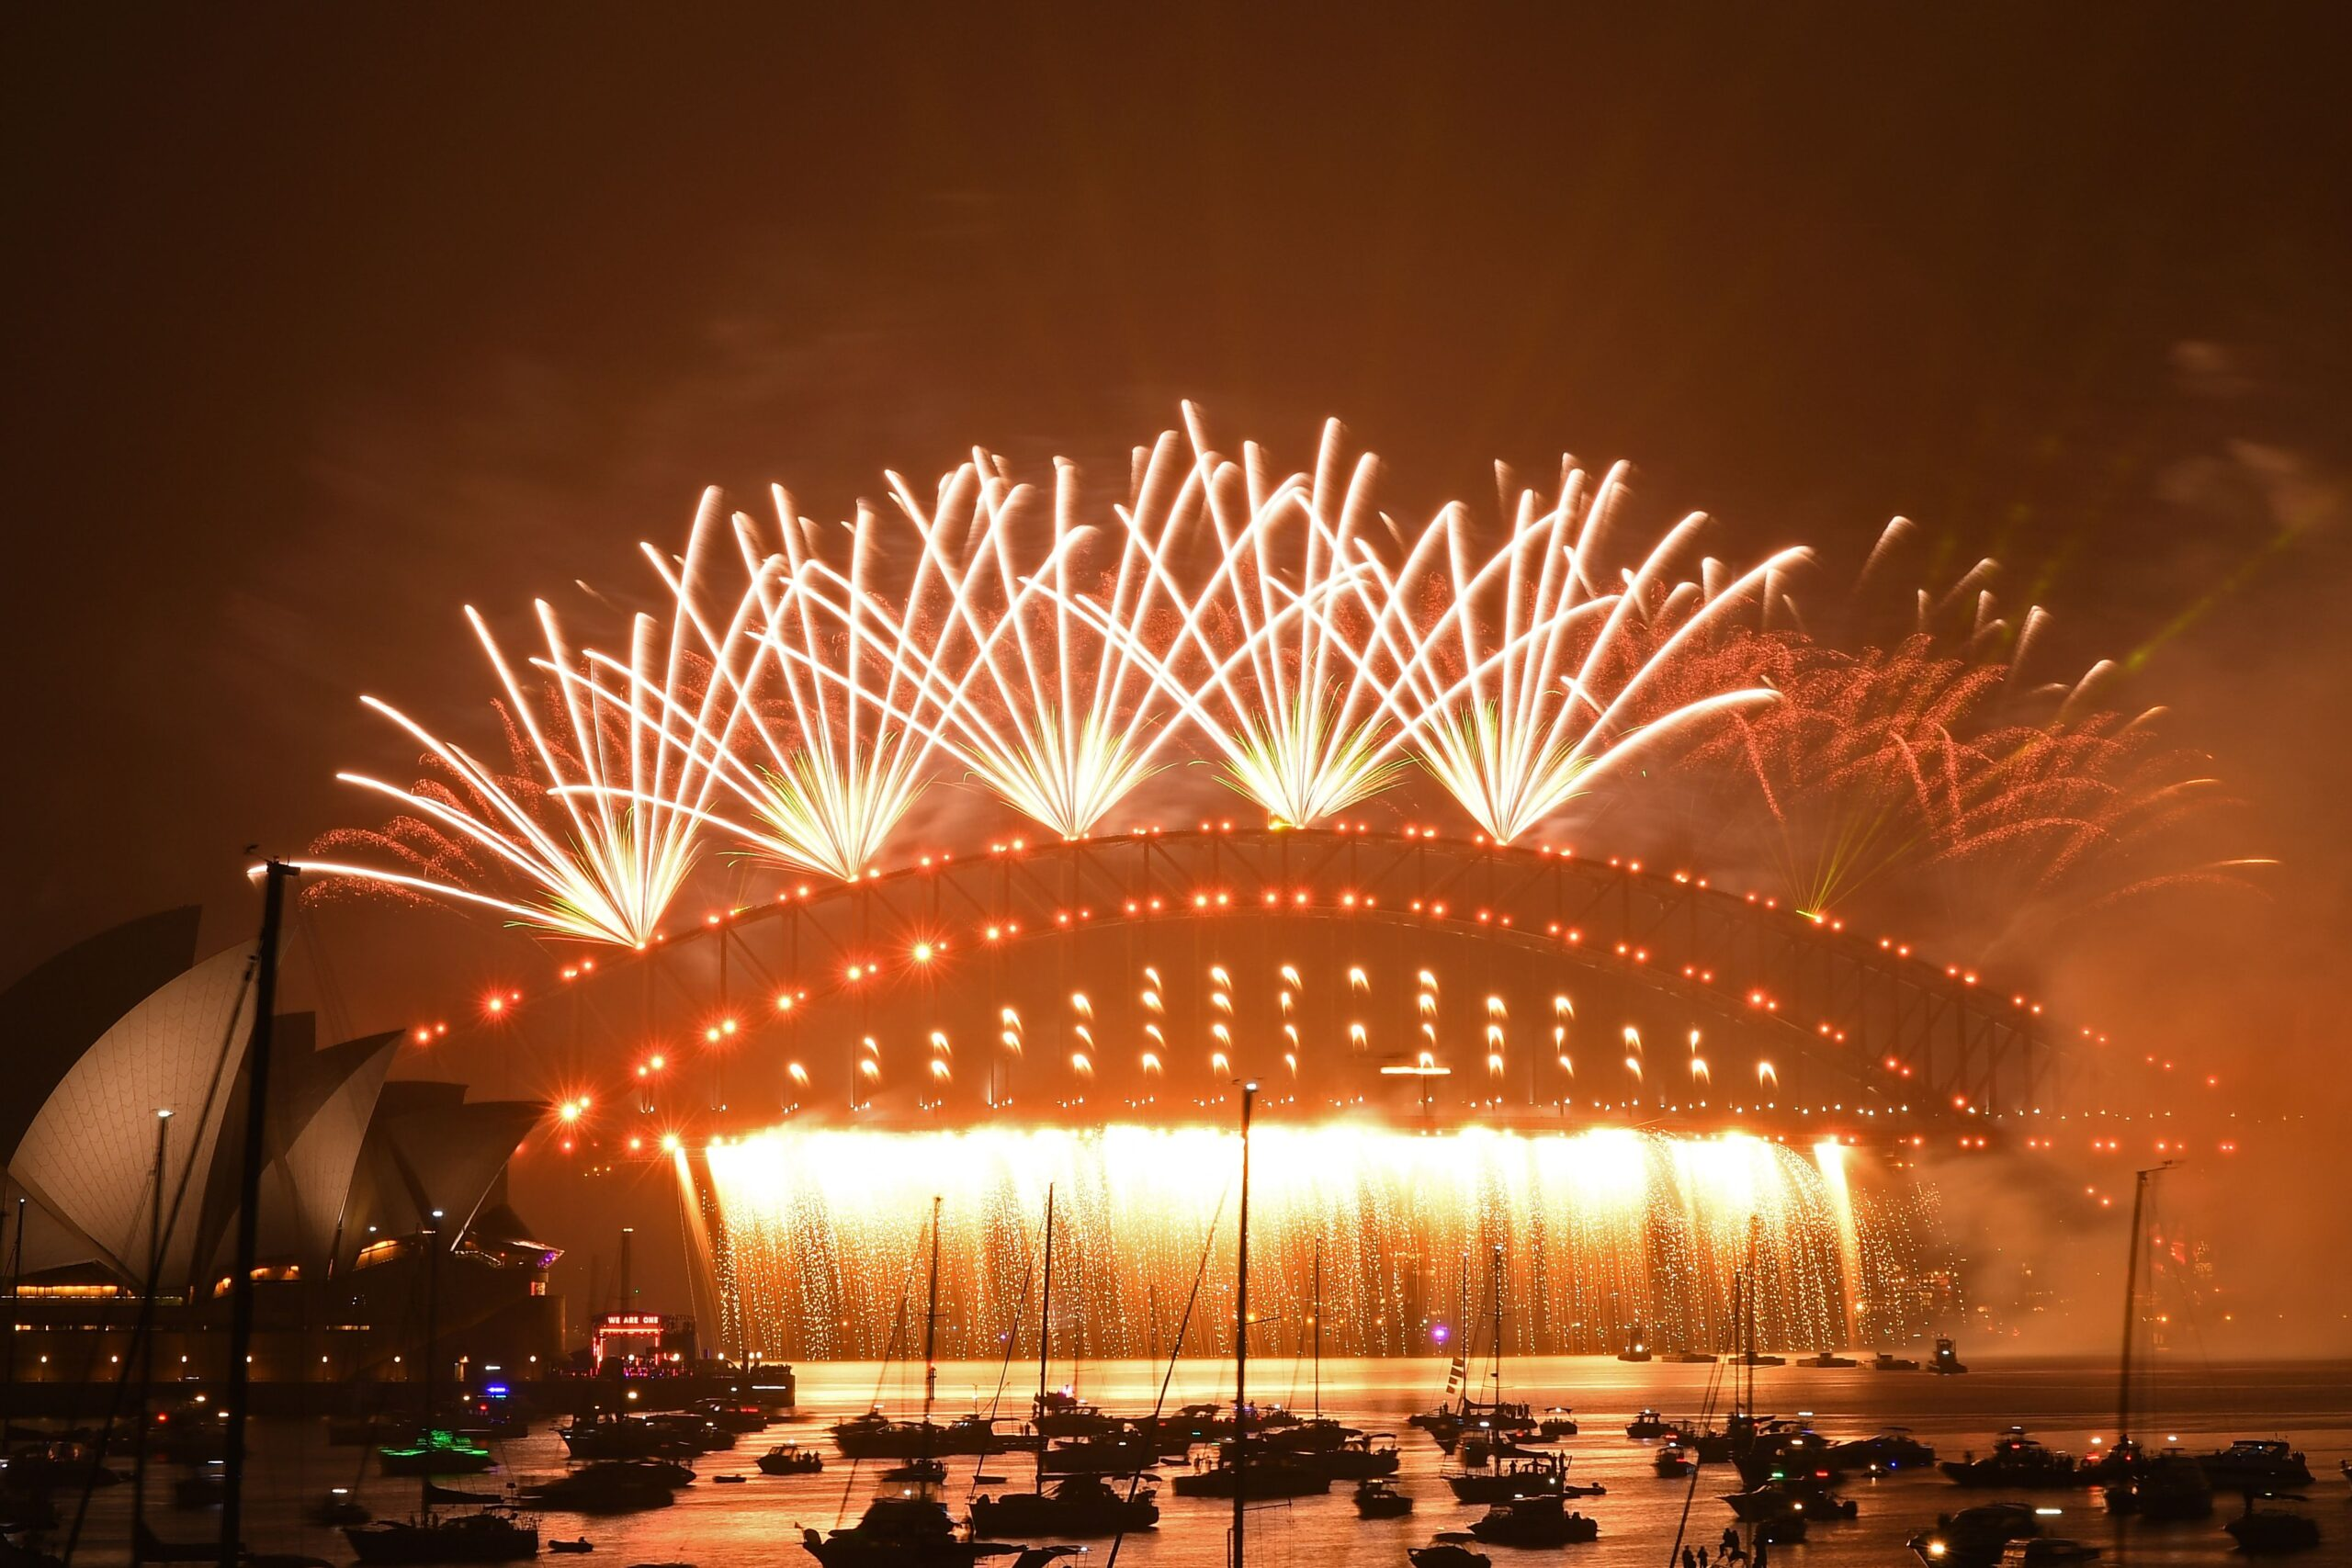 احتفالات استقبال العام 2021 من سيدني في استراليا- ا ف ب